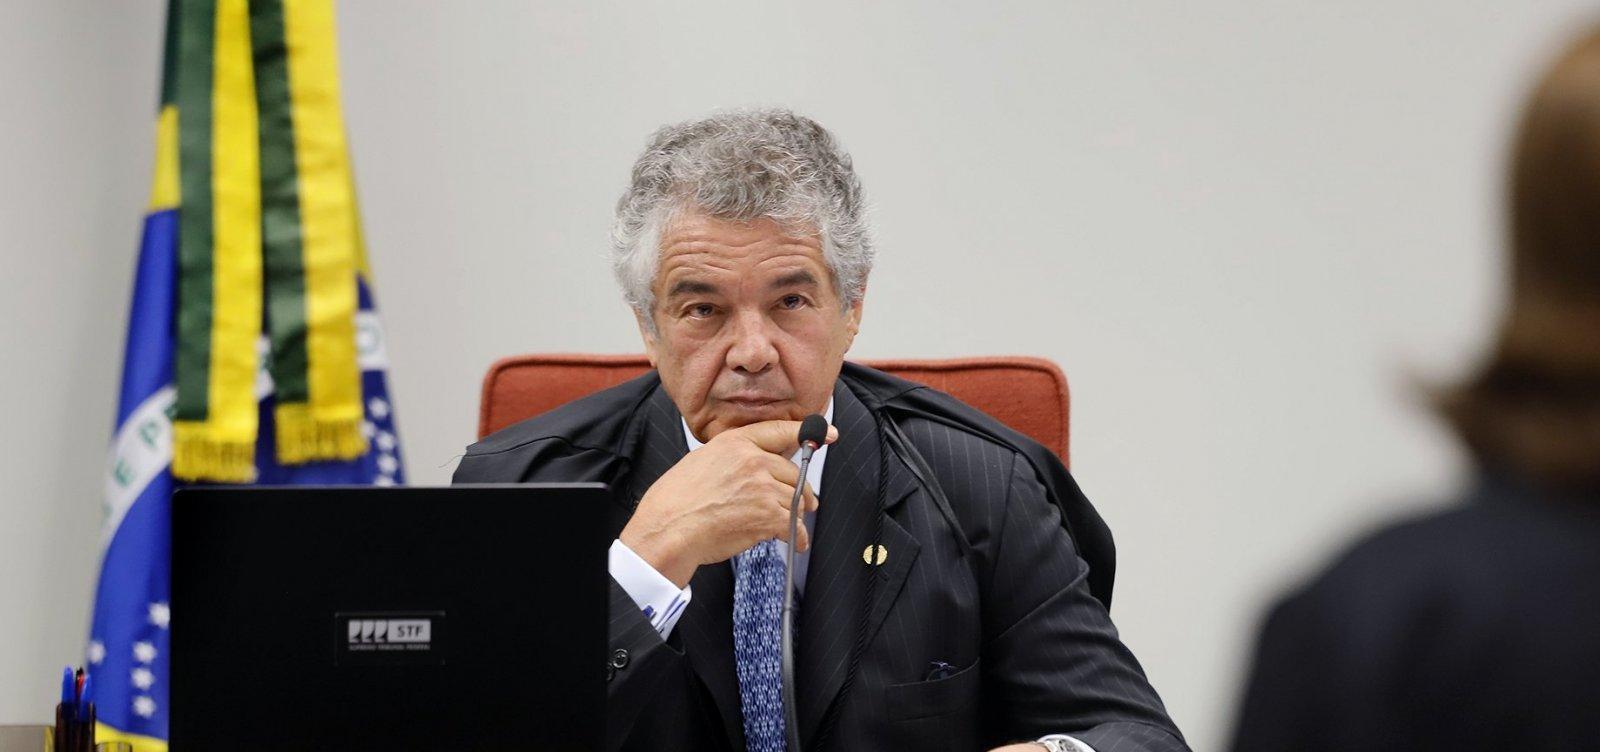 [Marco Aurélio critica advogada baiana por se referir a ministros do STF como 'vocês'; veja]